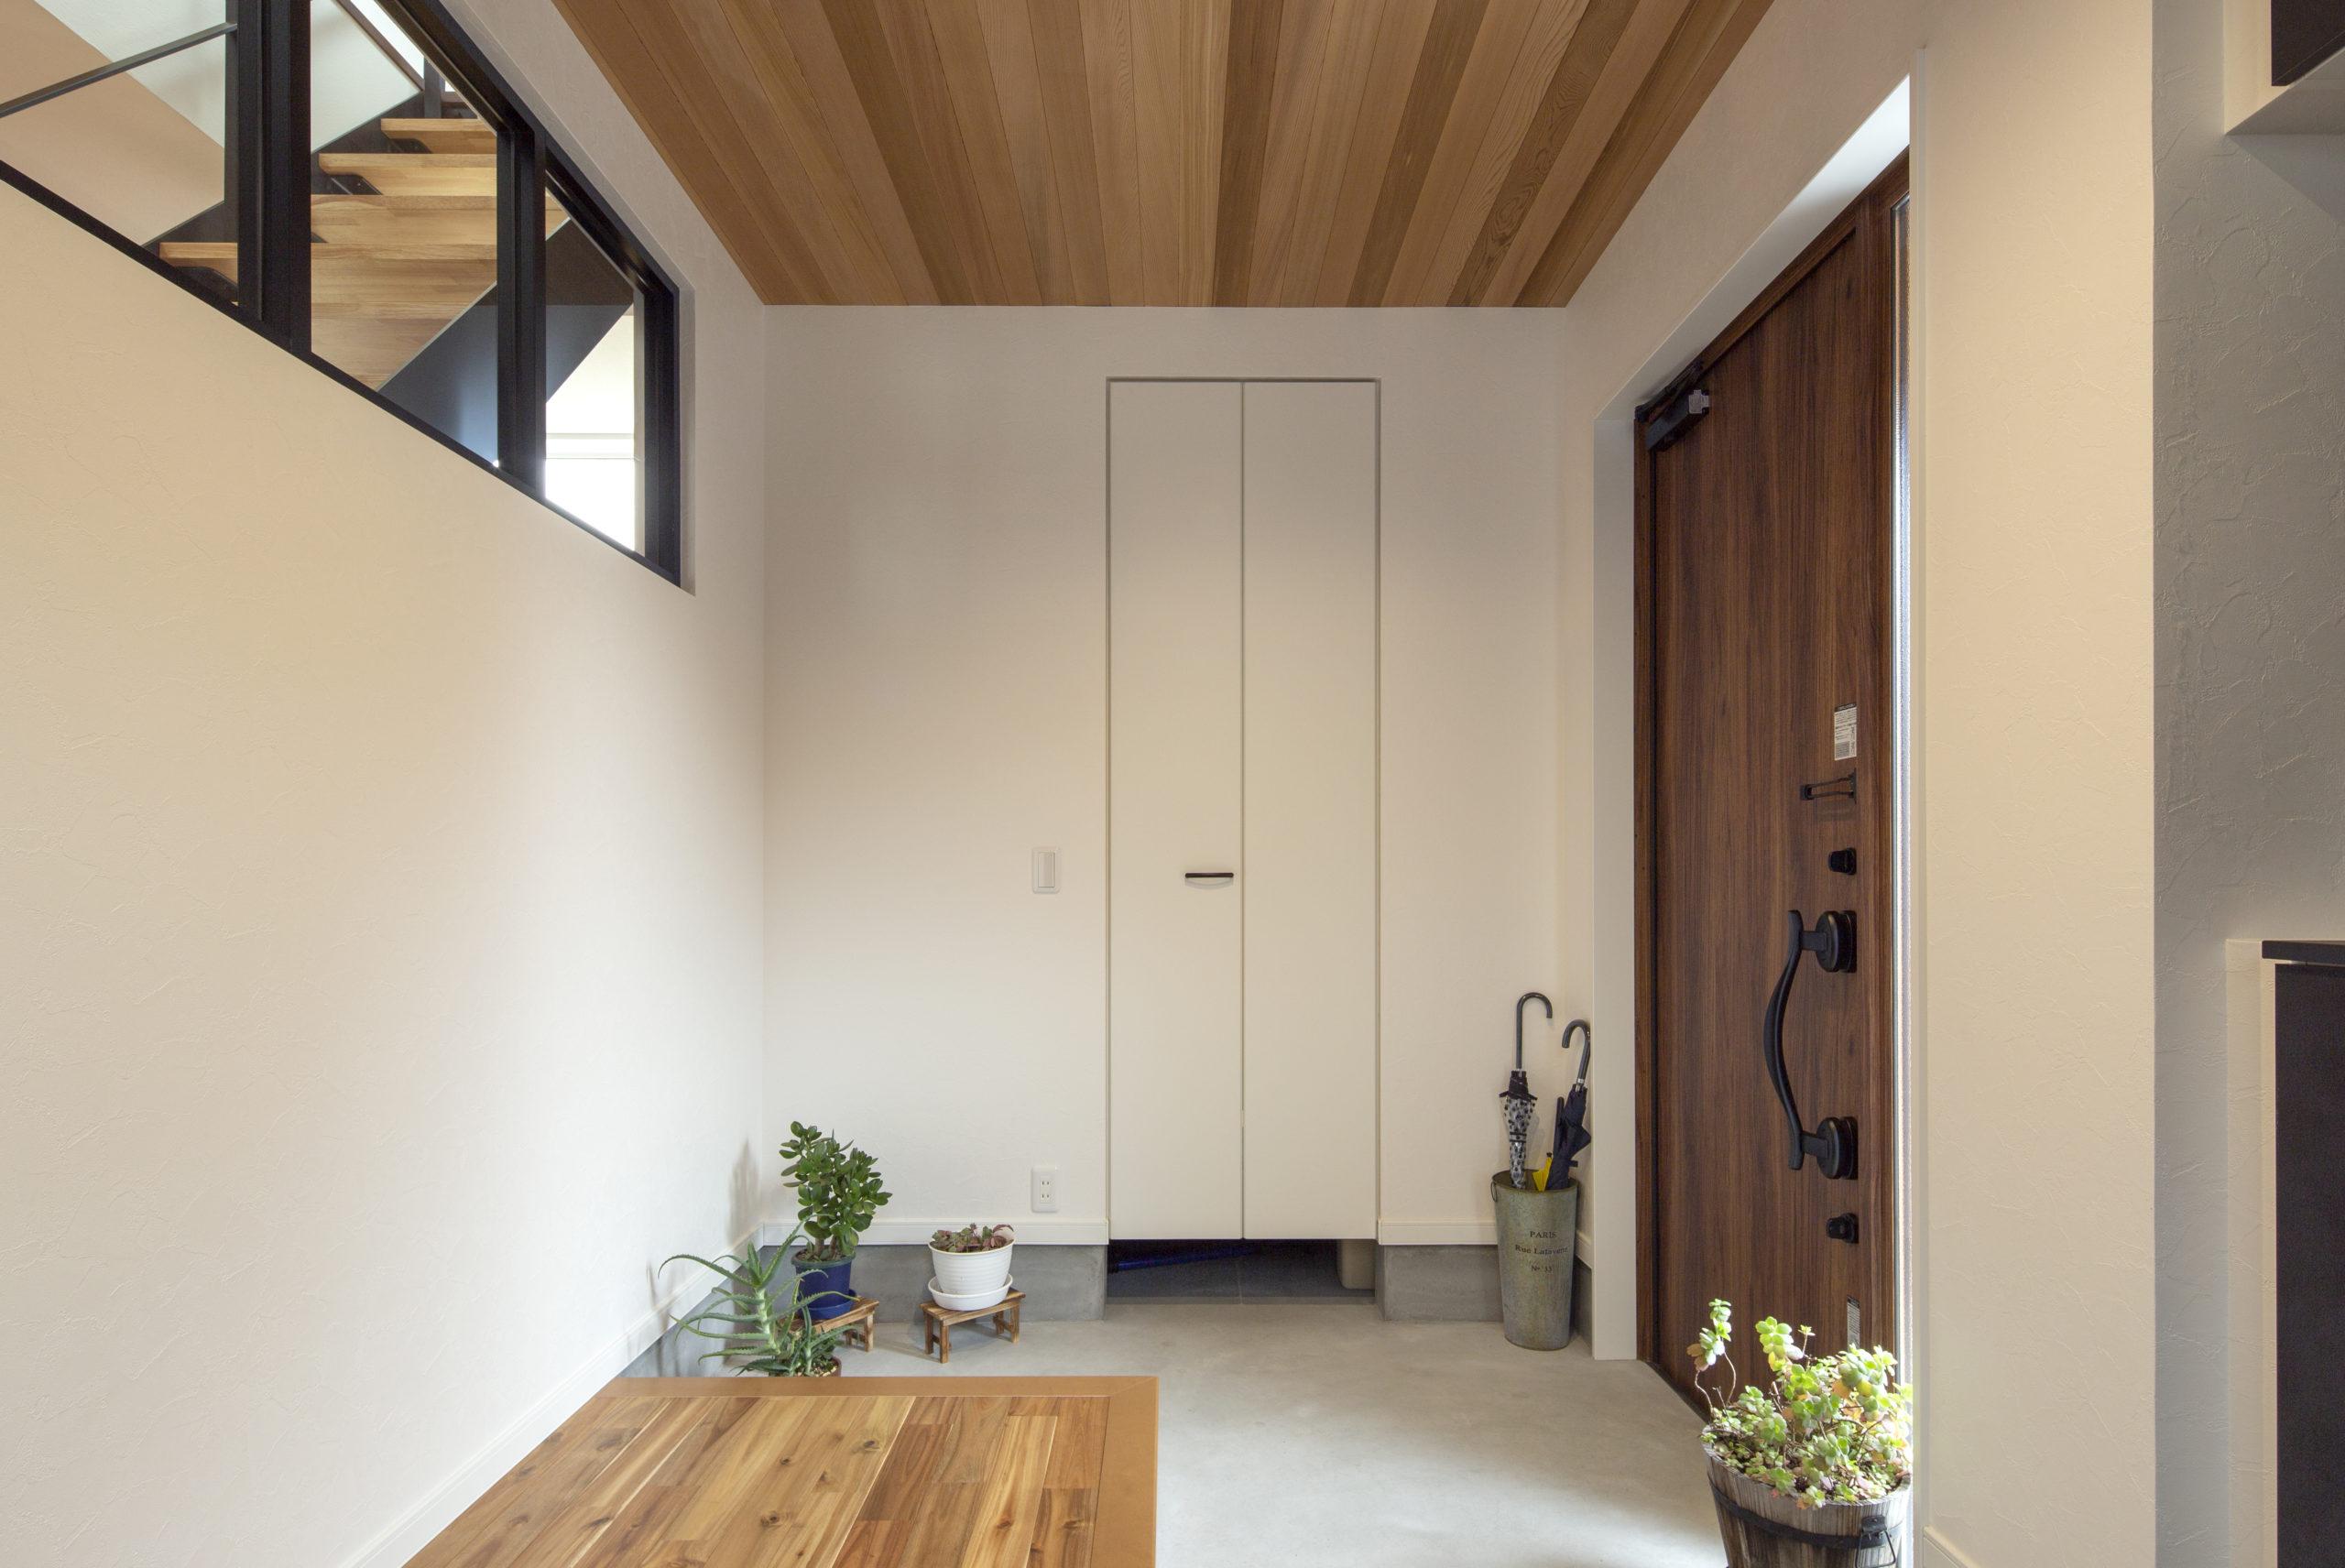 福山市の注文住宅|今井住建の施工事例ギャラリー「木目×白×黒は定番です」